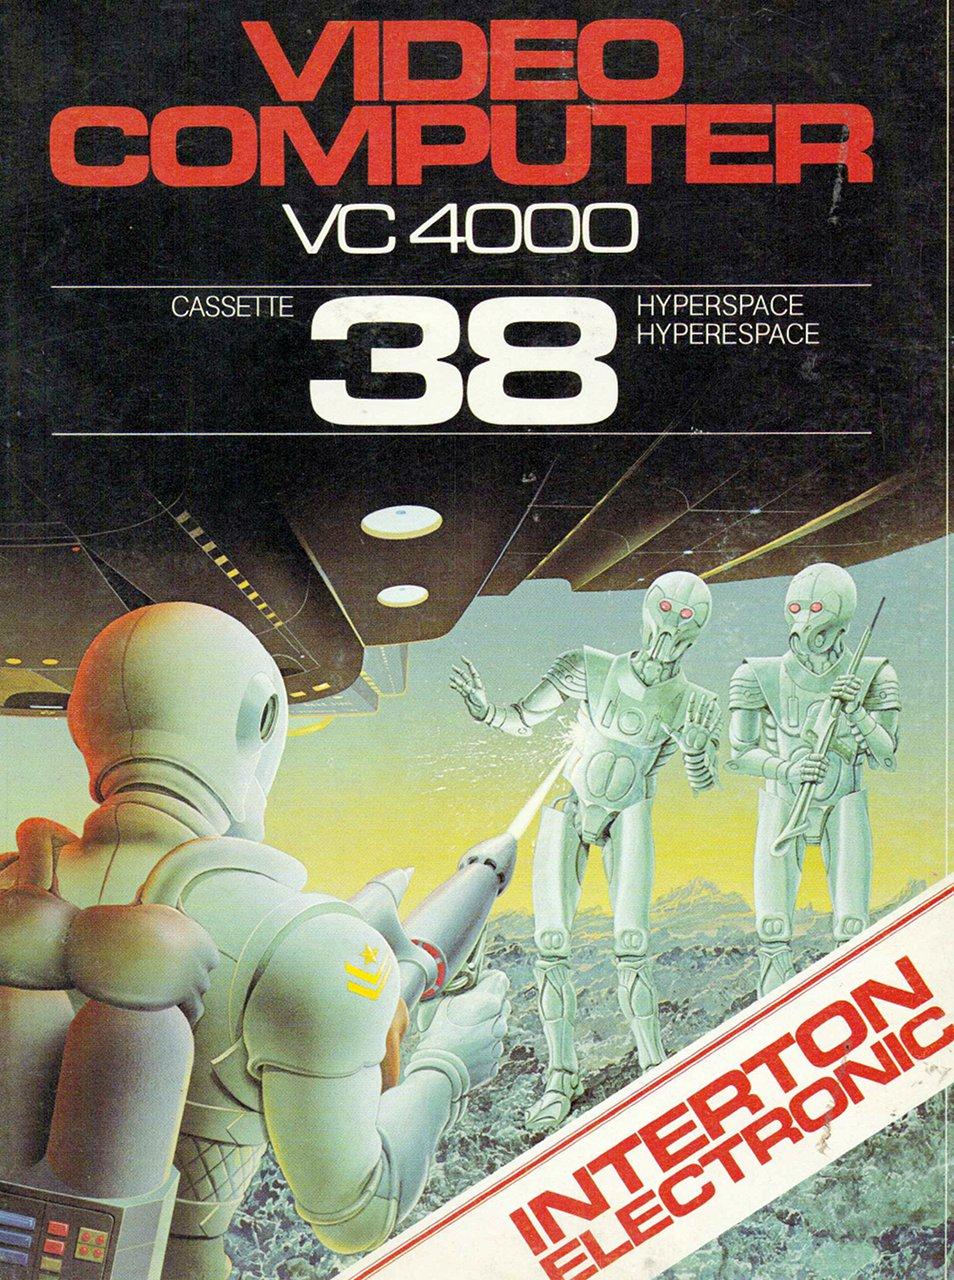 Weltraumspiel Nr. 38 für das von VC 4000 Interton. (Bild: Interton)